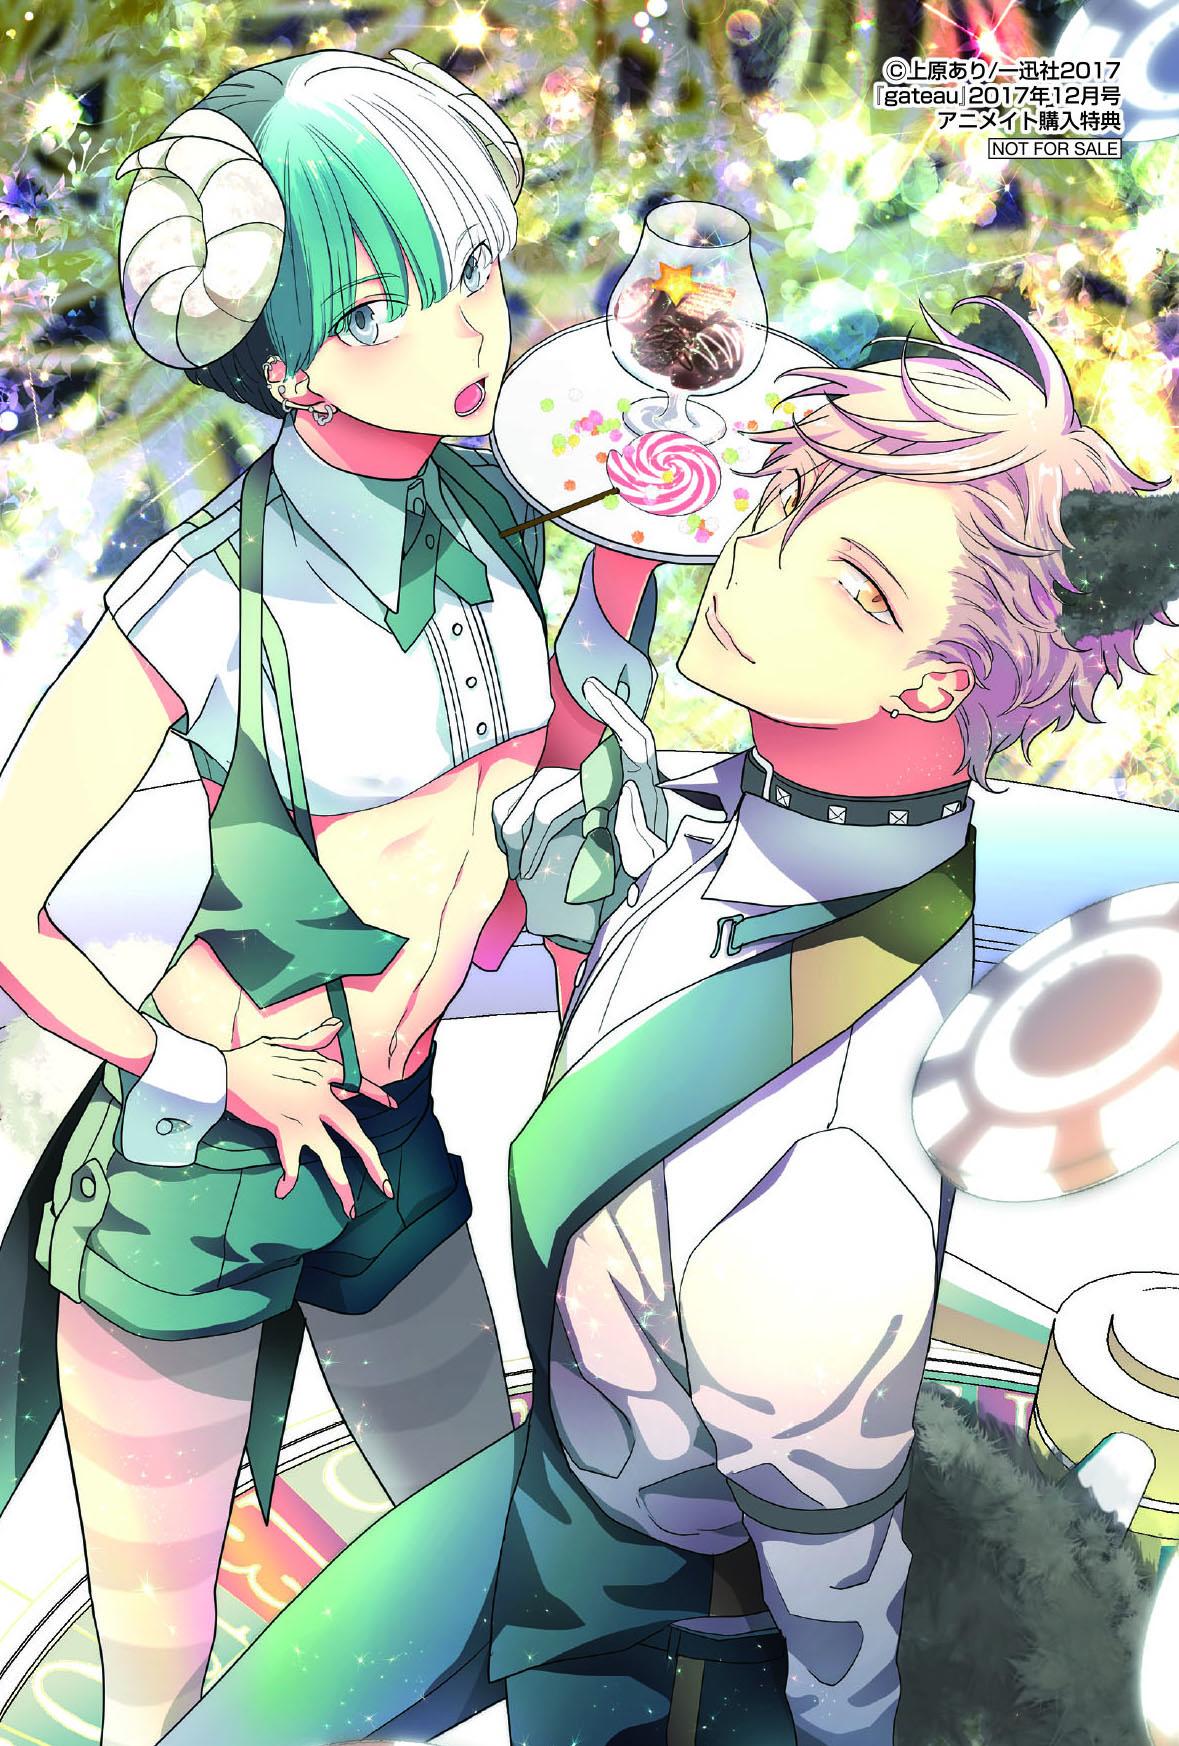 gateau1608_ポストカード_アニメイトout